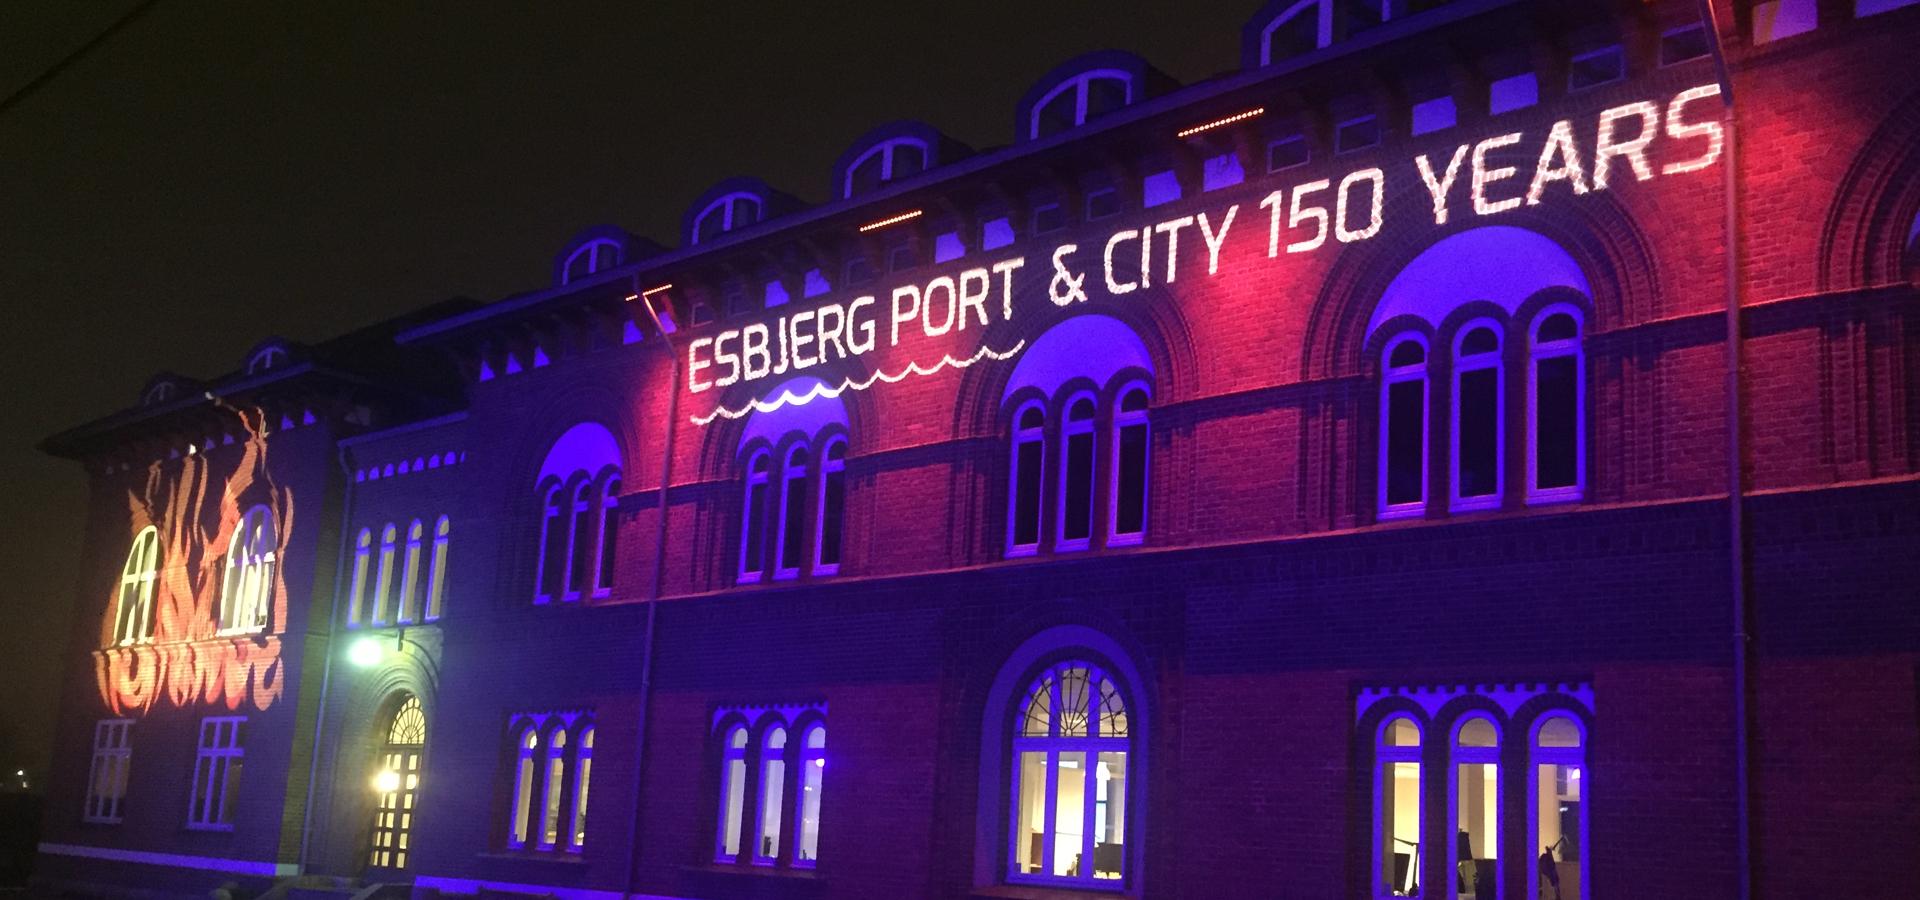 esbjerg-havn-anniversary-projektion-innopixel.jpg